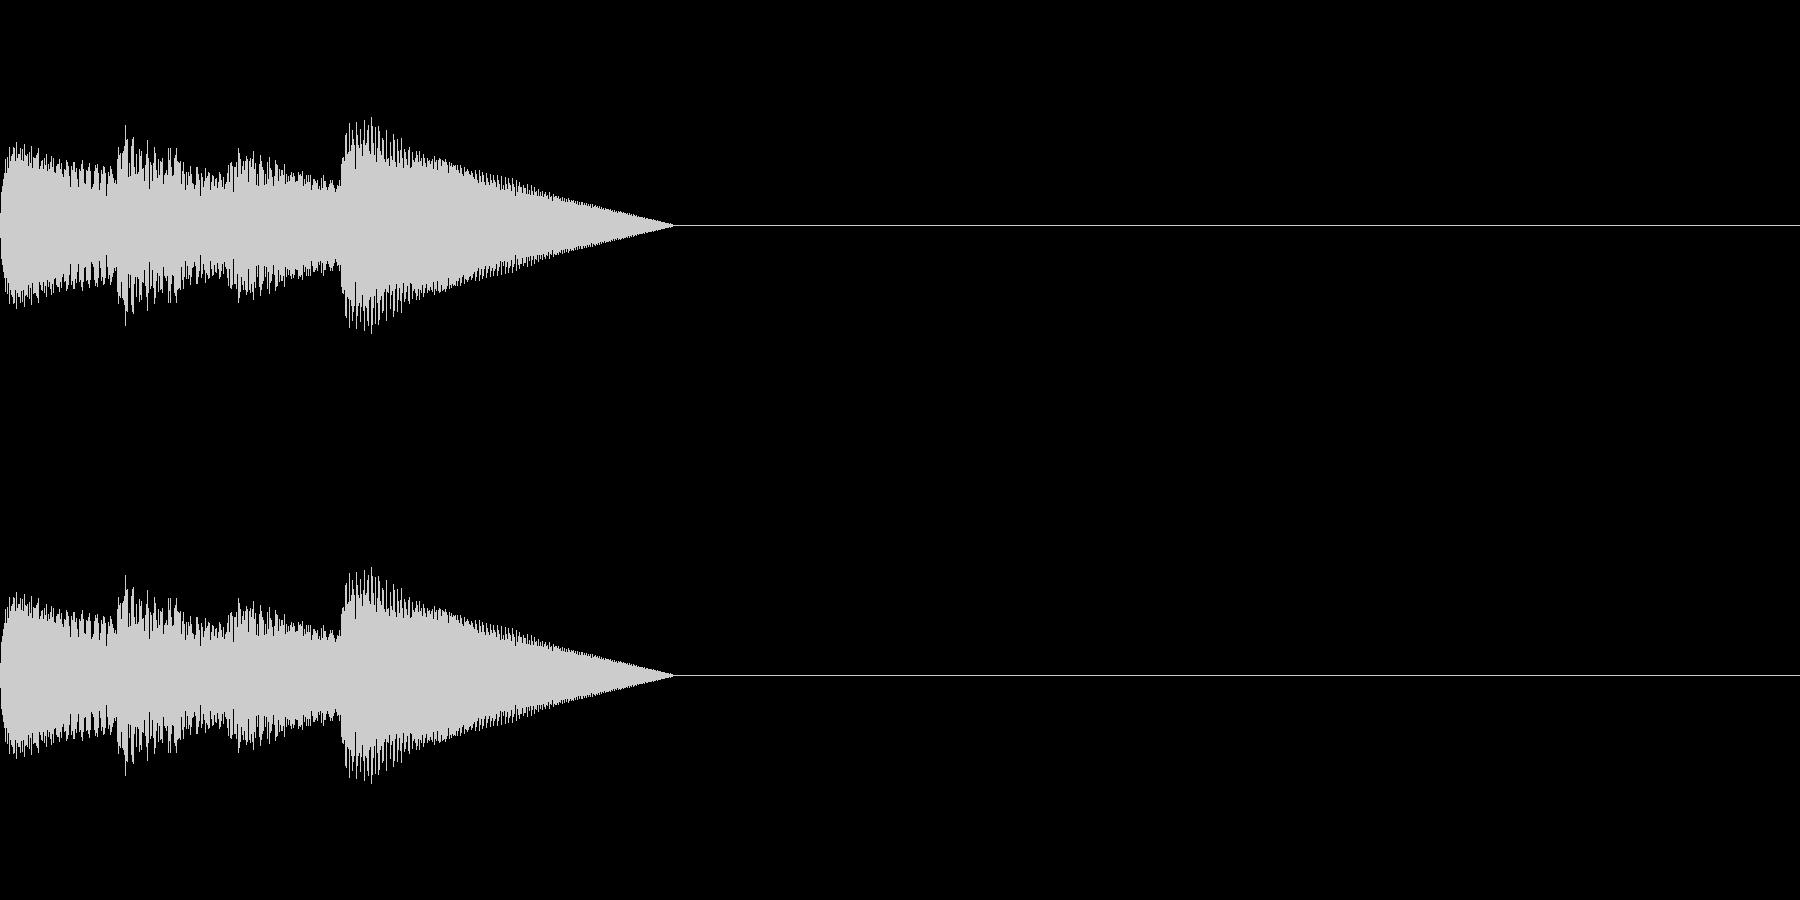 「ピロピロ♪」レトロゲーム風アイテムの未再生の波形